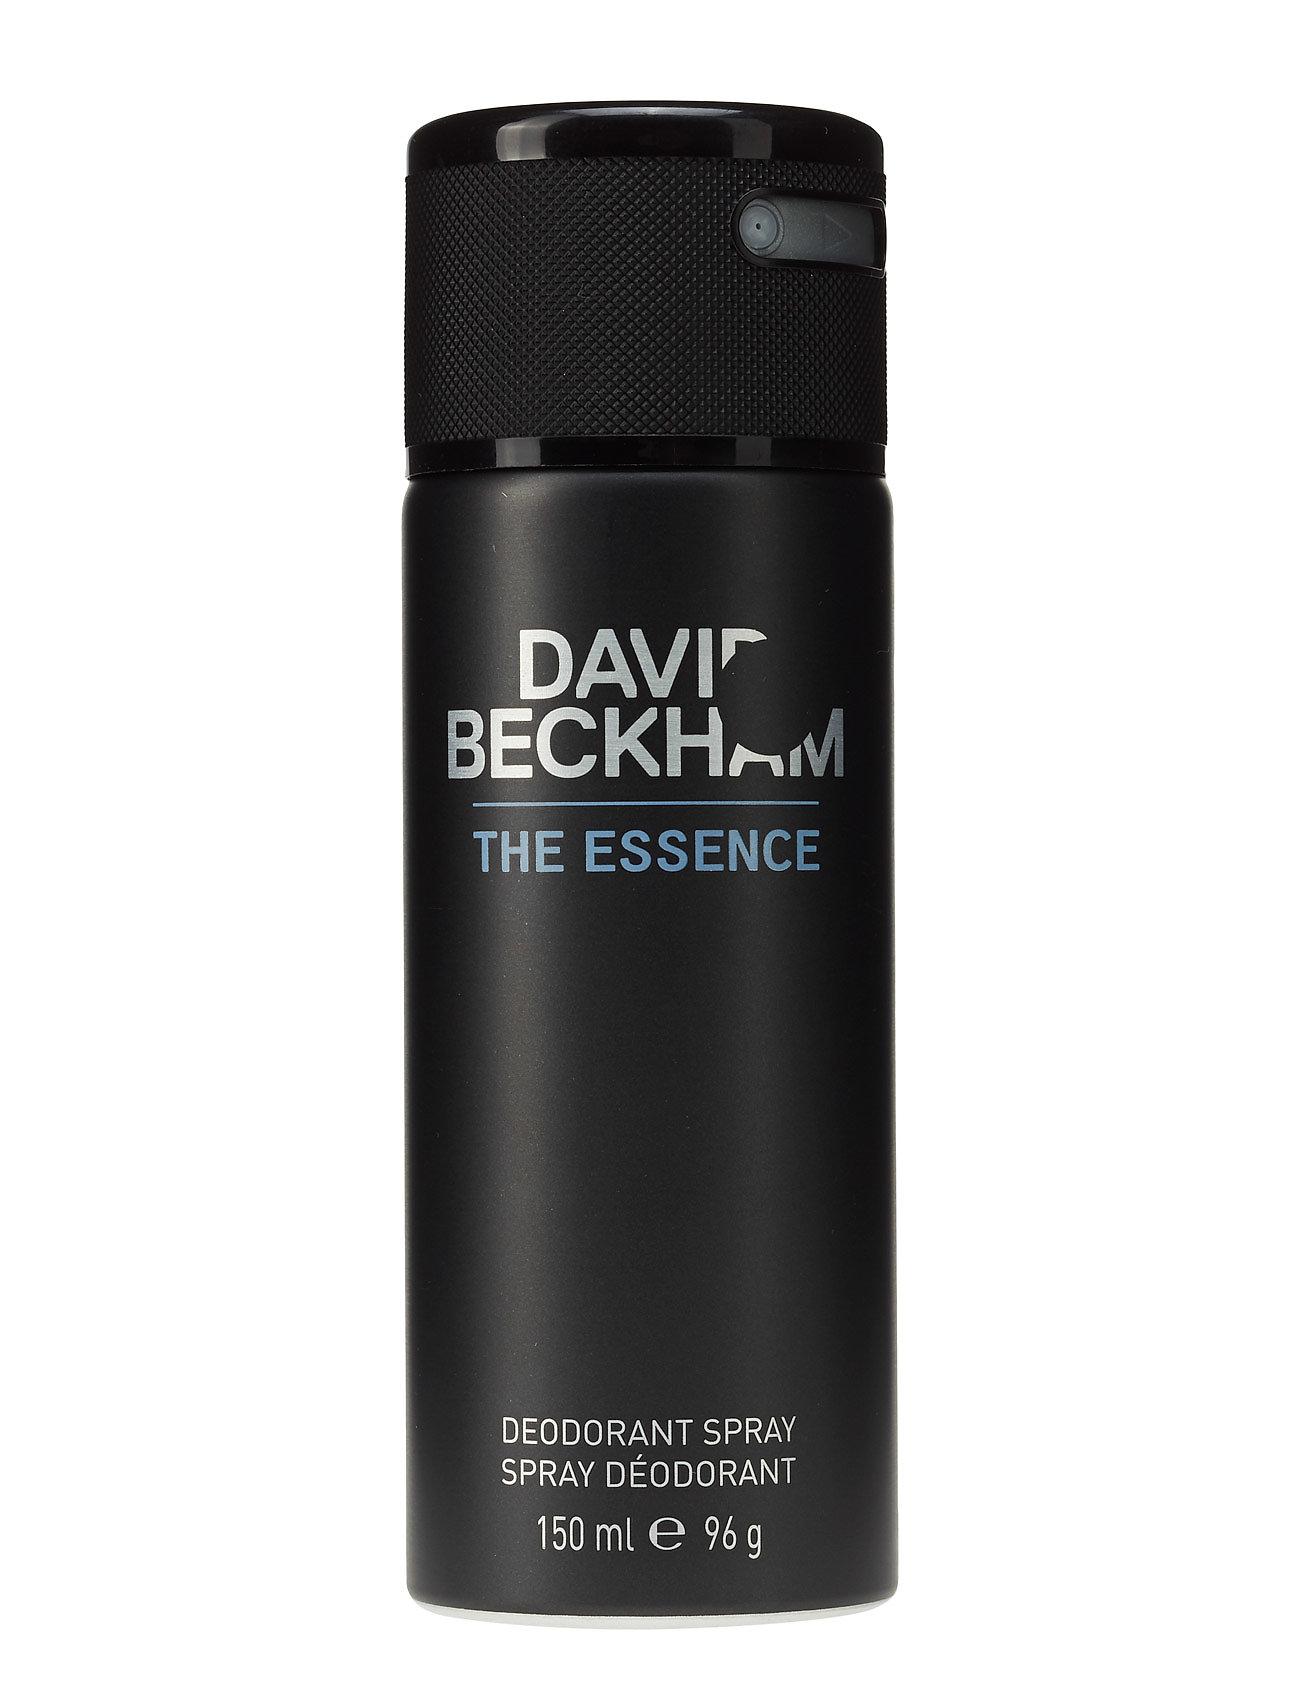 David beckham essence deodorant spr fra david beckham fra boozt.com dk